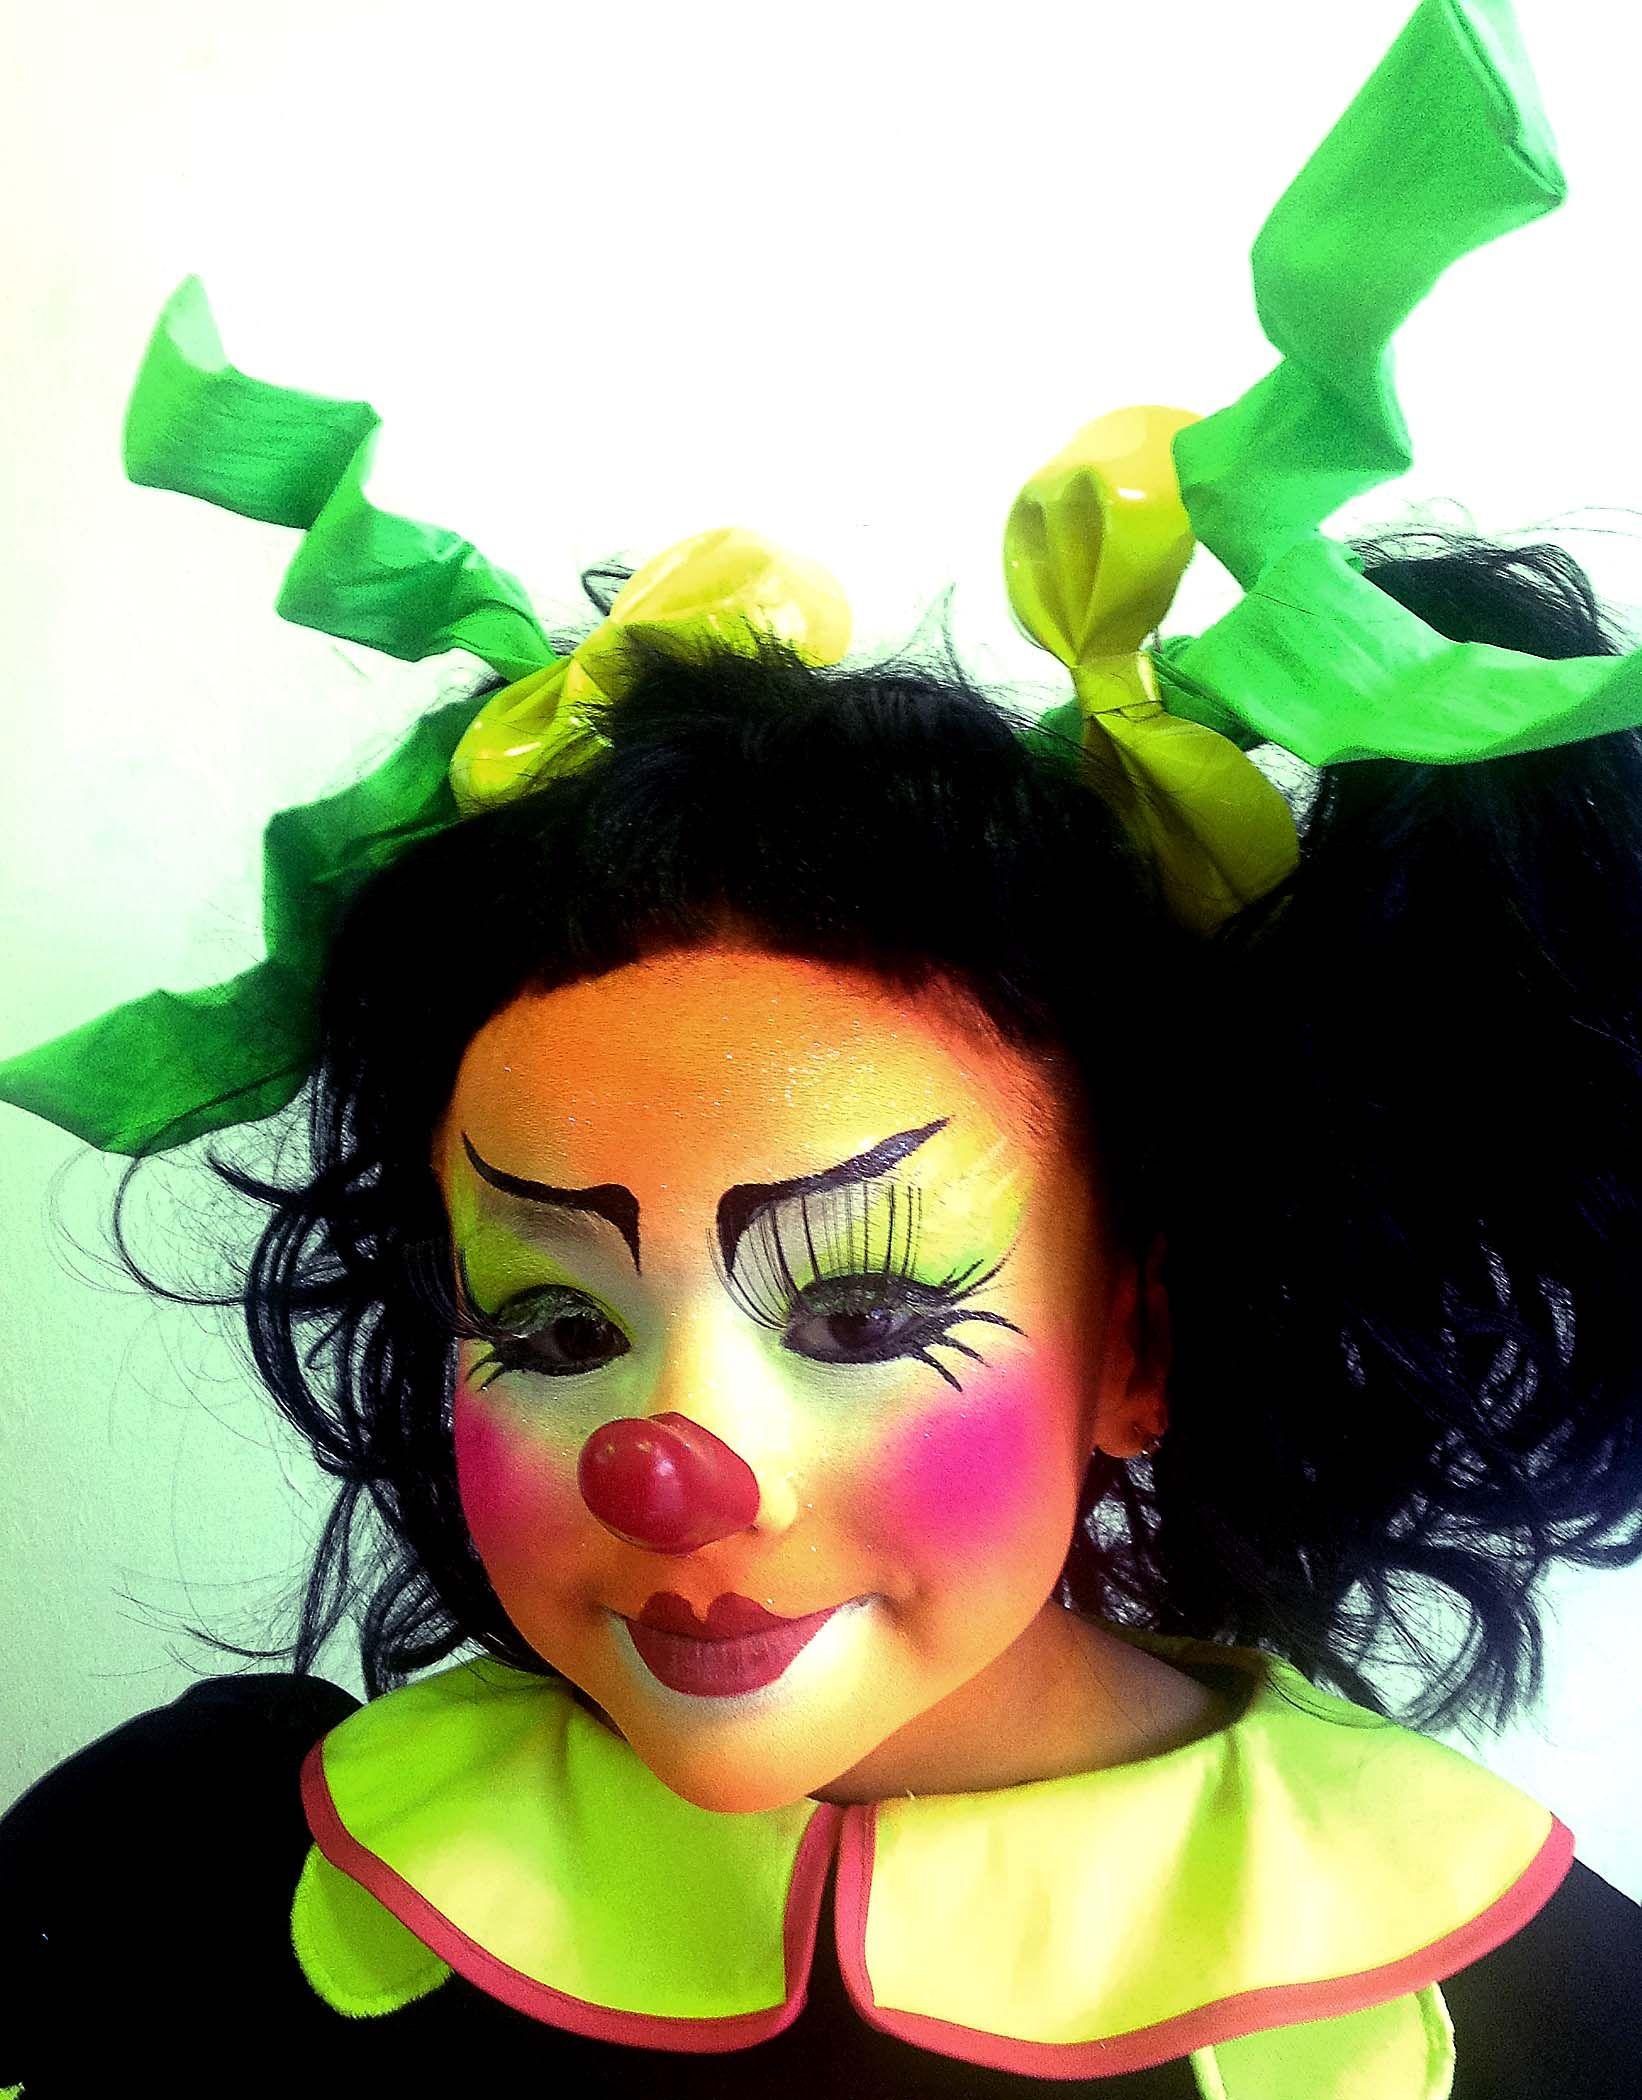 хочется картинки грима клоуна клиторы женщин